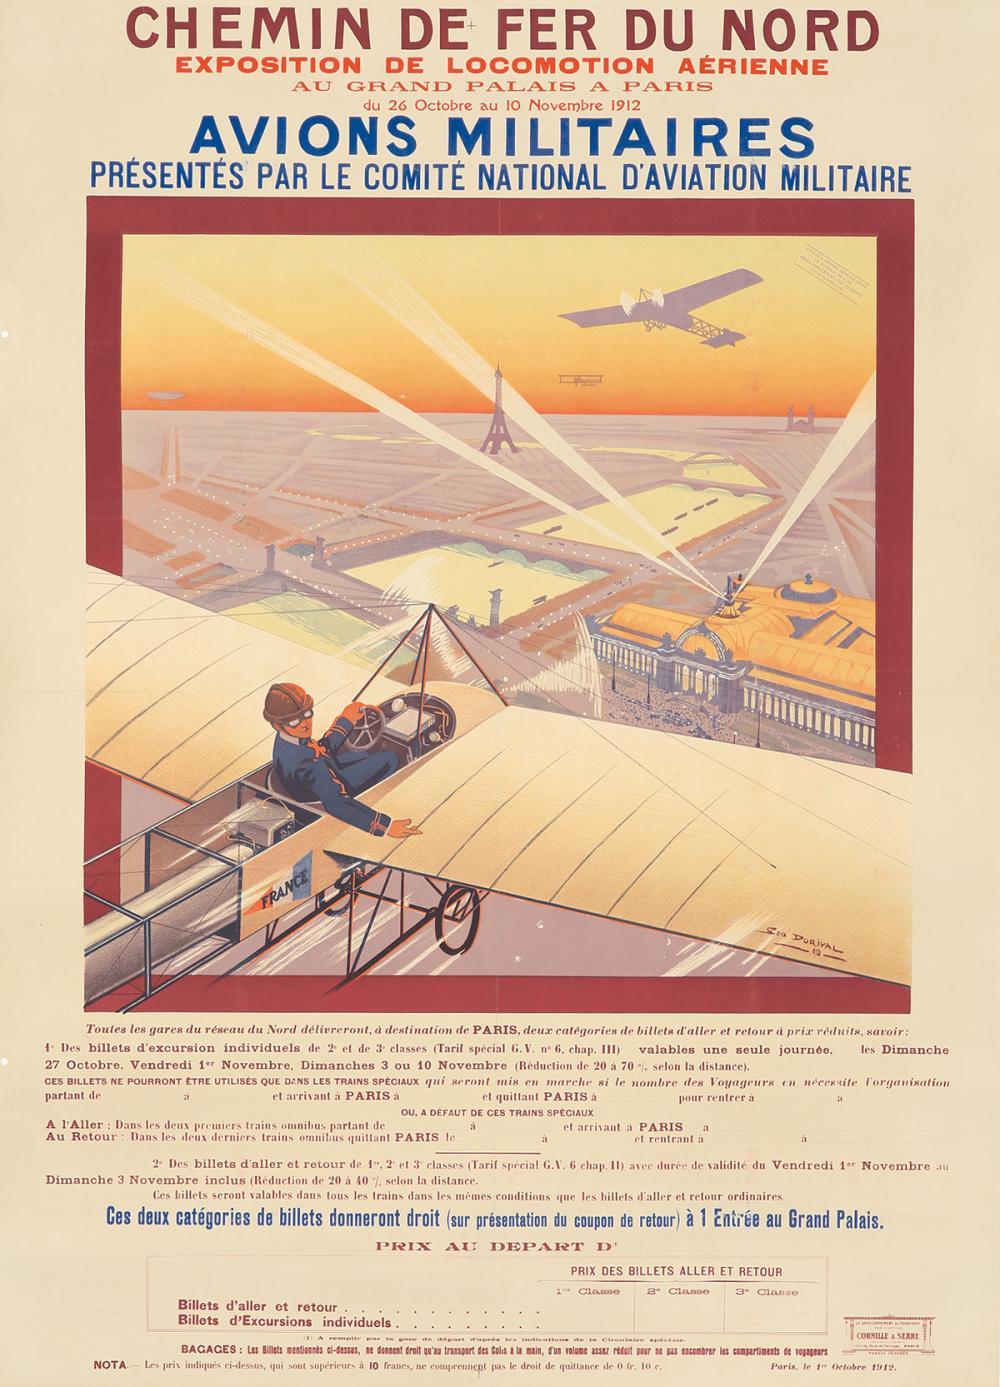 Exposition de la Locomotion Aerienne / Avions Militaires. 1912.